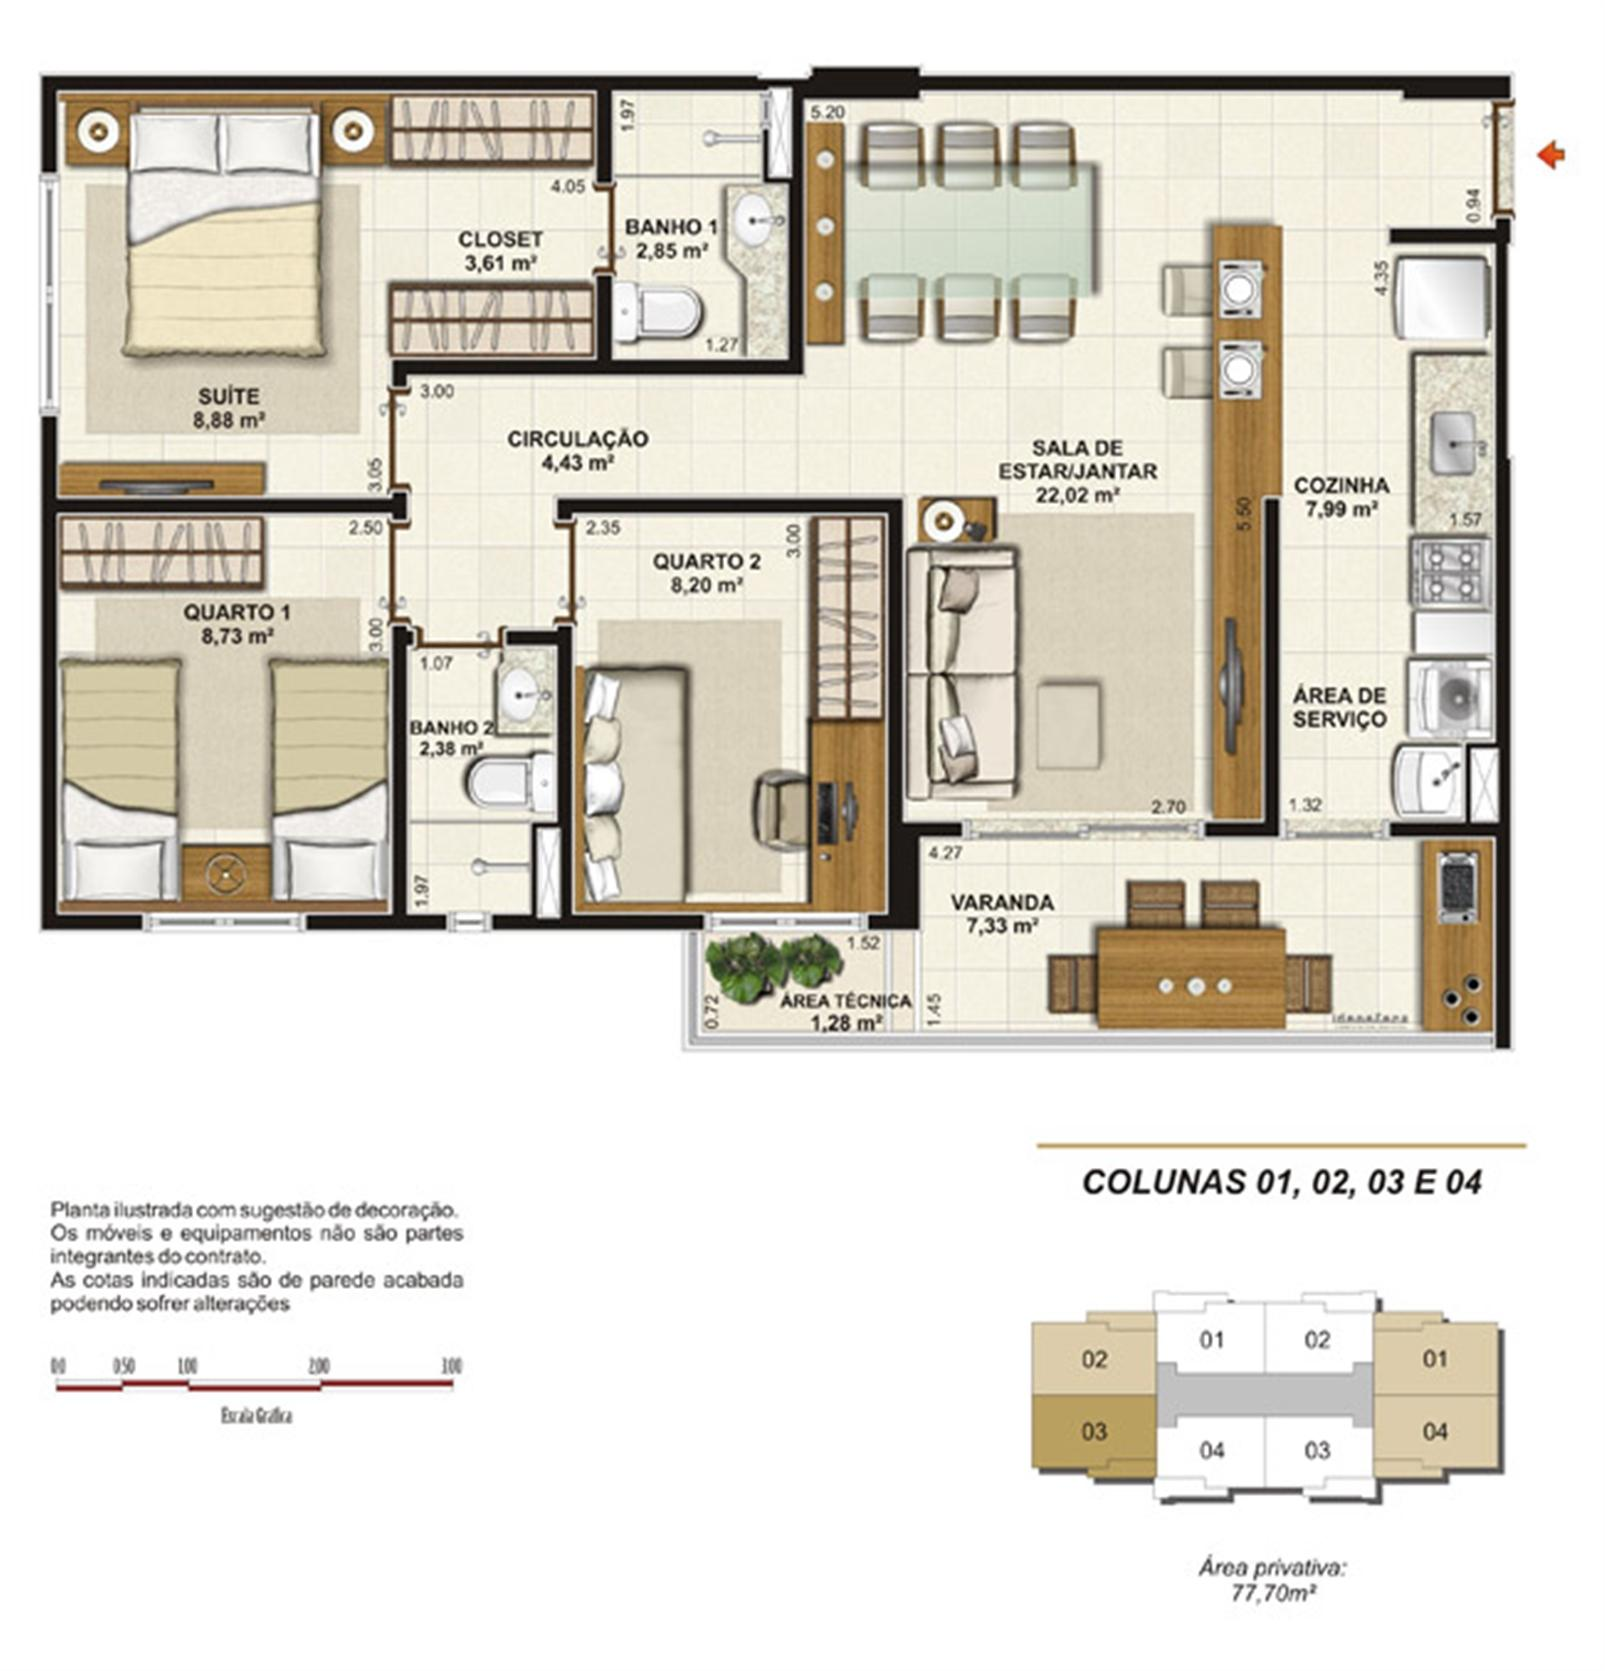 Planta tipo 3 quartos (1 suíte e varanda gourmet) 77 m² | Jardim de Toscana – Apartamentoem  Altos do Calhau - São Luís - Maranhão